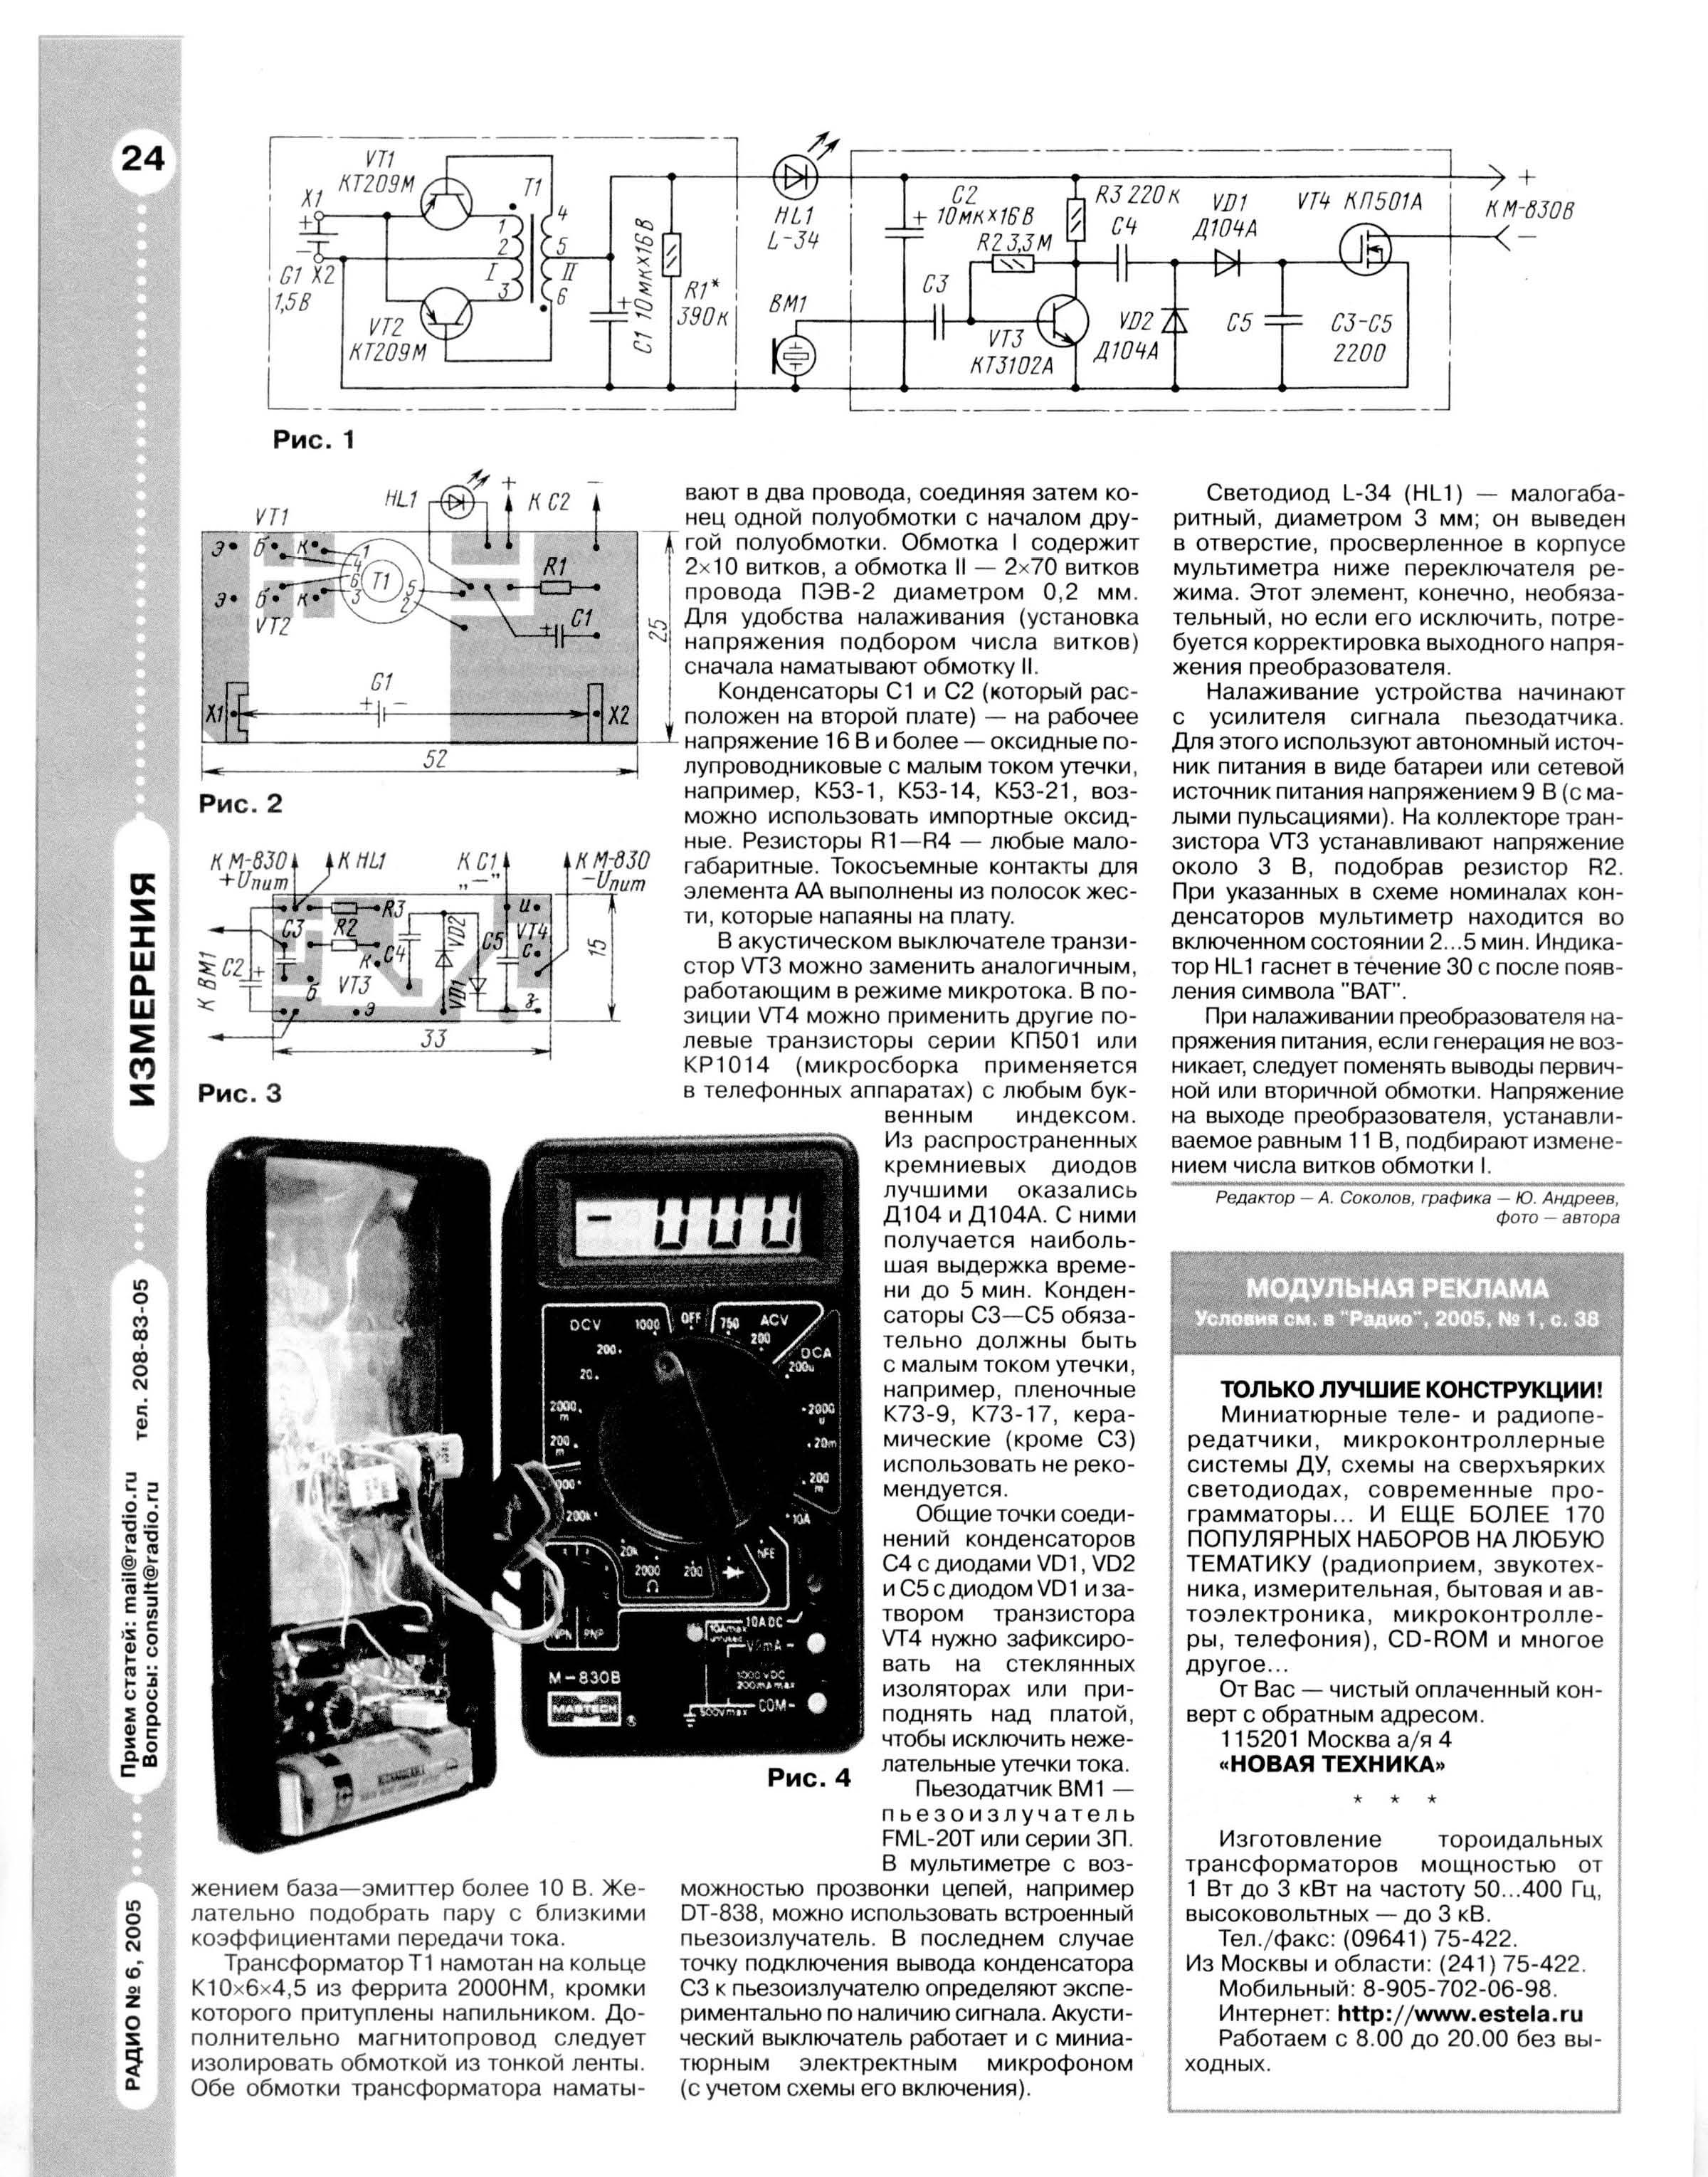 стабилизатор напряжения с-0.16 схема